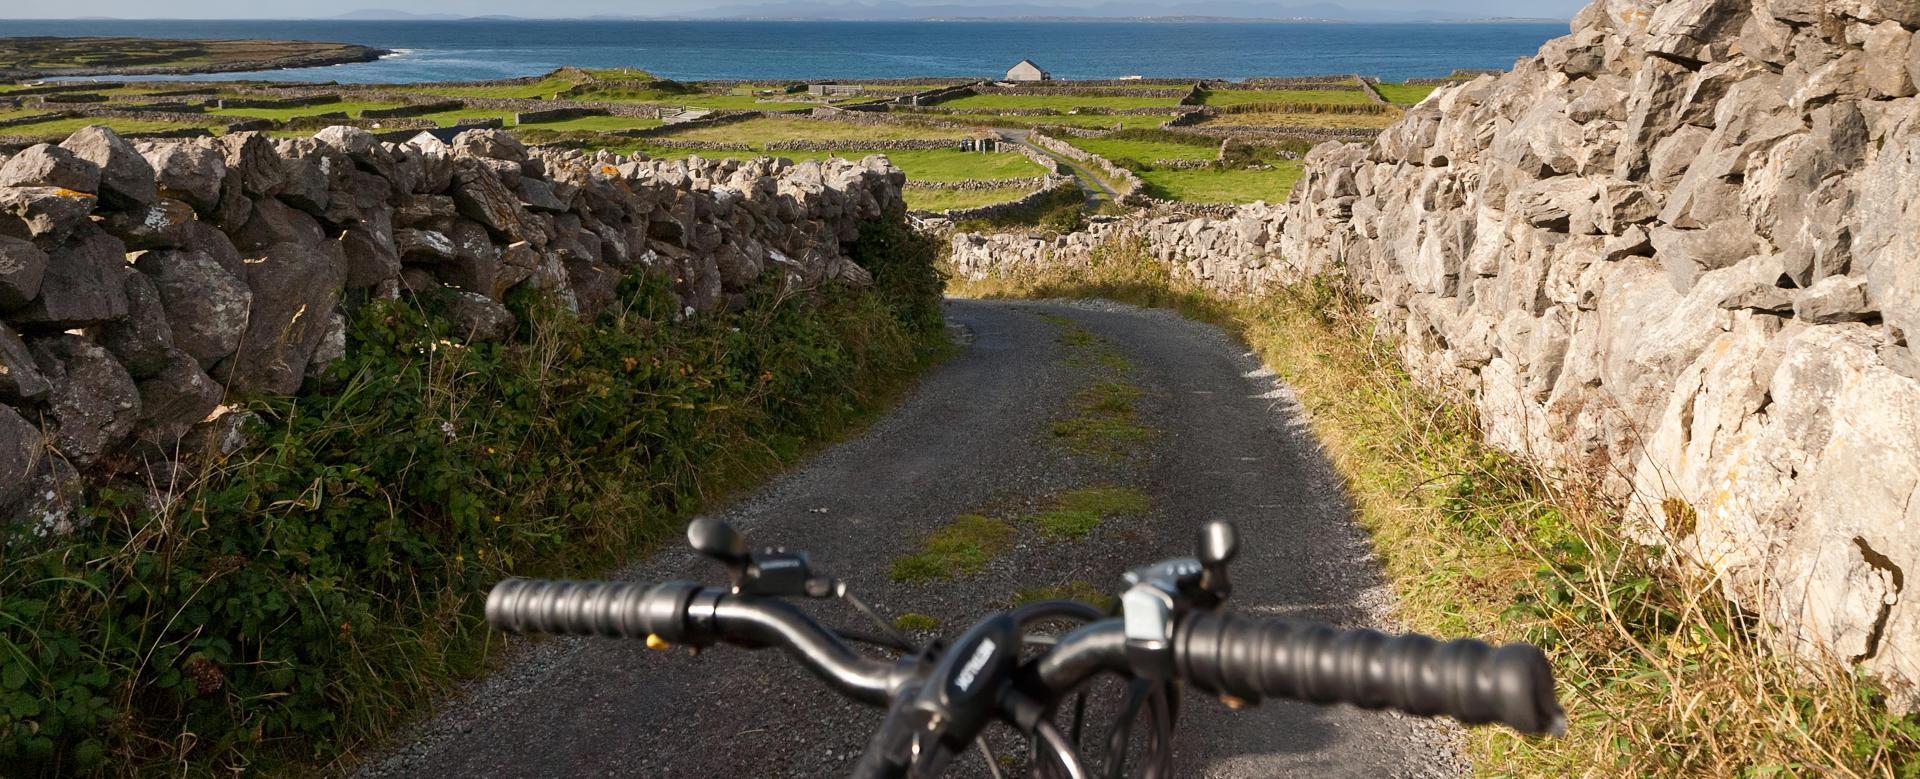 Voyage en véhicule : Wild atlantic way, l'irlande sauvage à vélo